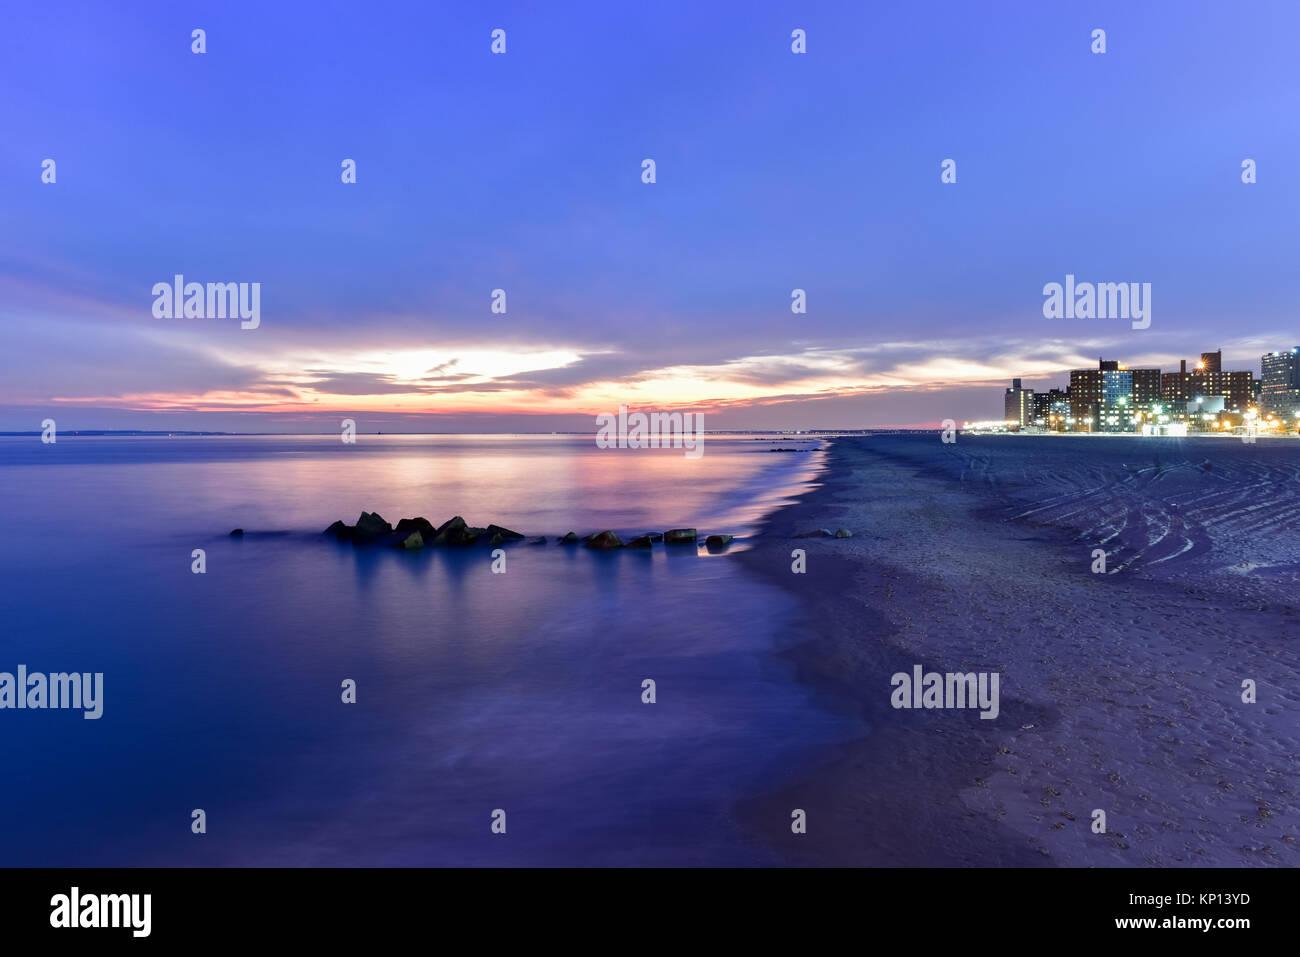 Dramatischer Sonnenuntergang am Strand von Coney Island in Brooklyn, New York. Stockbild